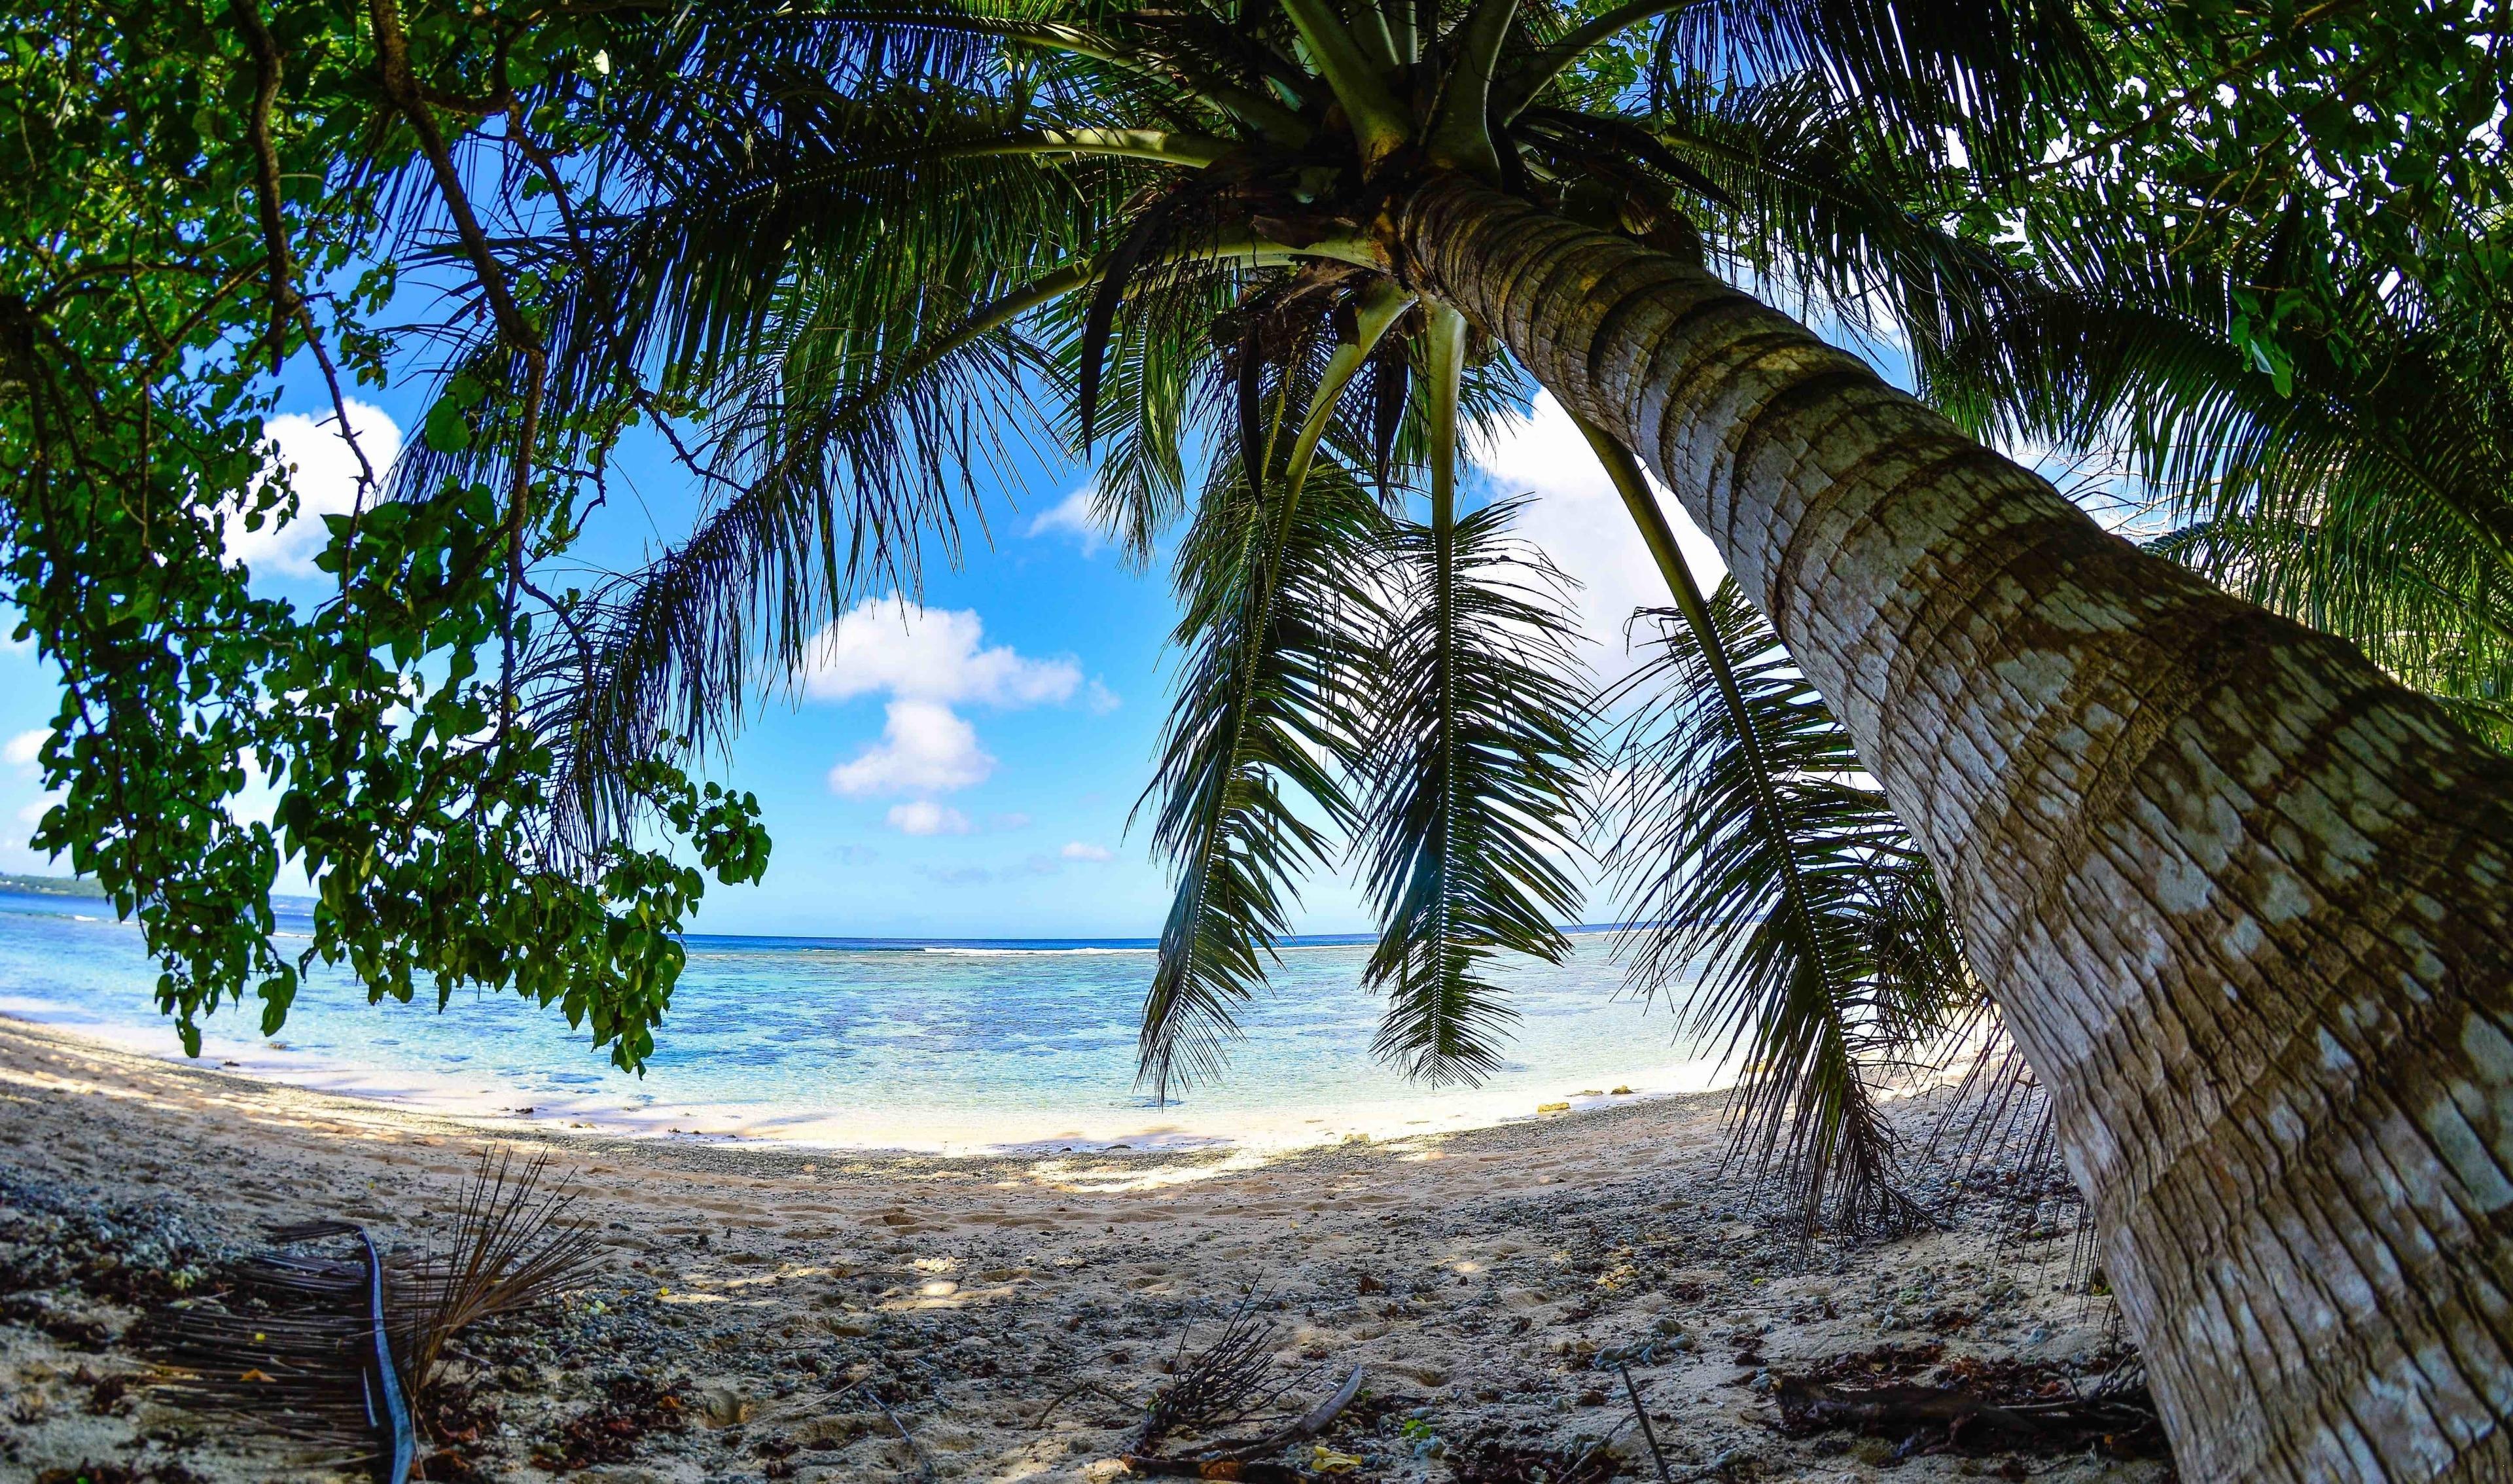 Fai Fai Beach, Tamuning, Guam